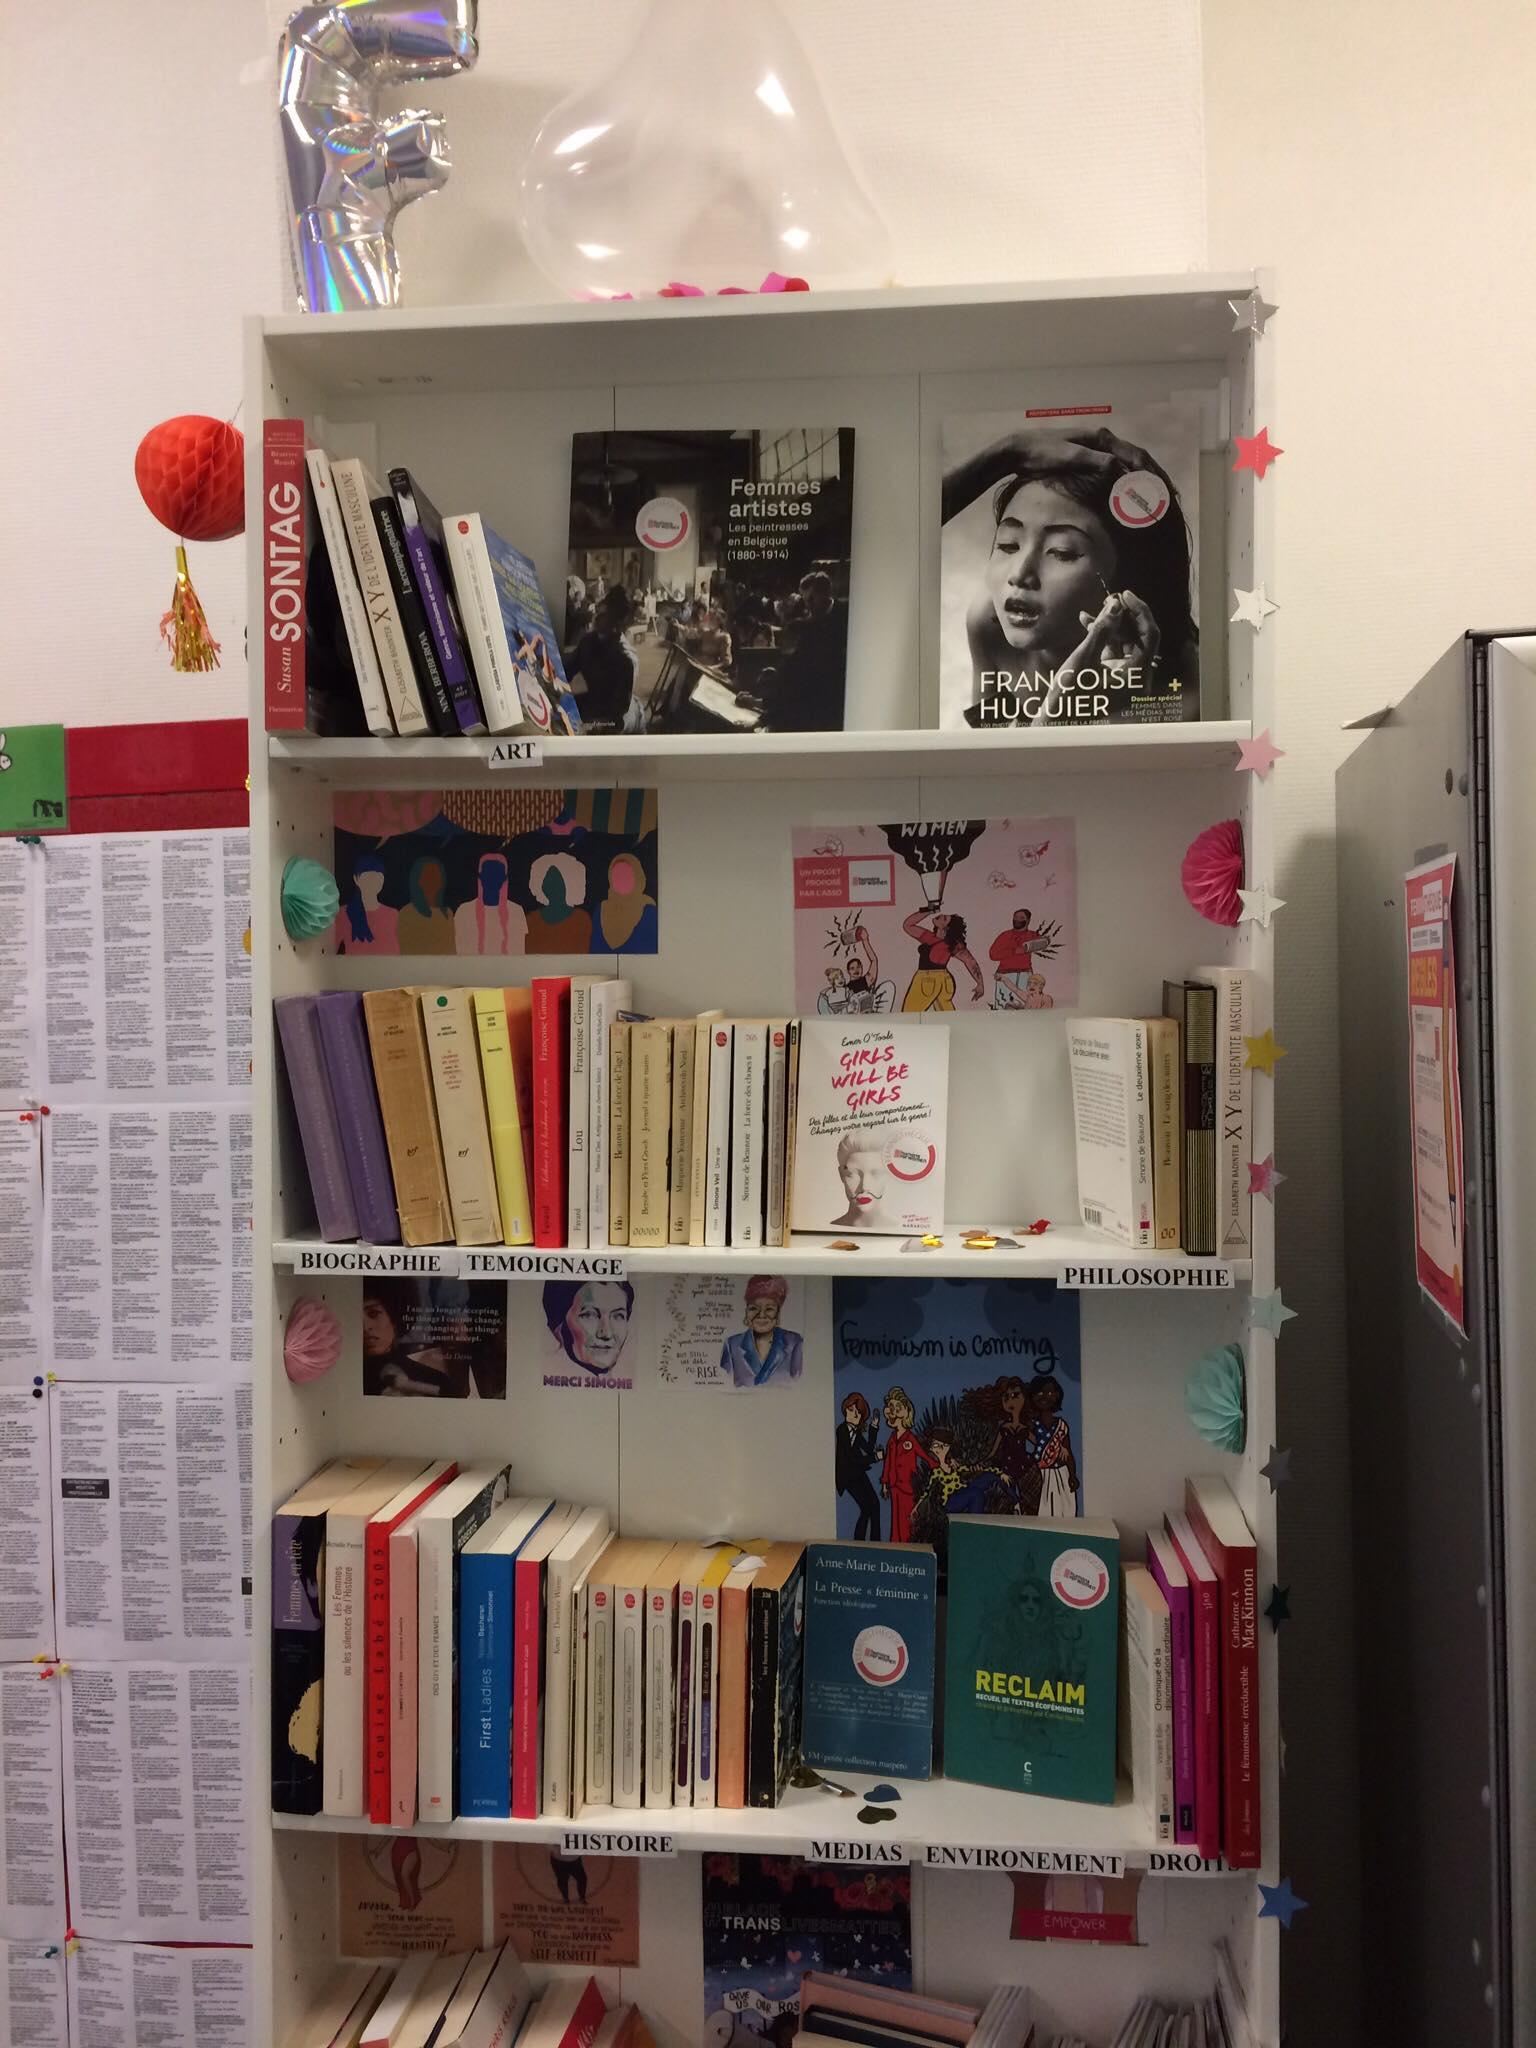 Notre Féministhèque - La Féministhèque est une bibliothèque féministe participative ouverte et accessible à tous.tes. Exclusivement fournie en ouvrages féministes de tous les horizons, la Féministhèque est l'aboutissement d'un long travail de collecte, tri, recensement des livres qui la composent, pour permettre à toutes et à tous d'en profiter librement.INFOS PRATIQUES : MIE Bastille. 50 rue des Tournelles, 75003 Ouvert du lundi au vendredi de10h à 22h et le samedi de 10h à 19h.